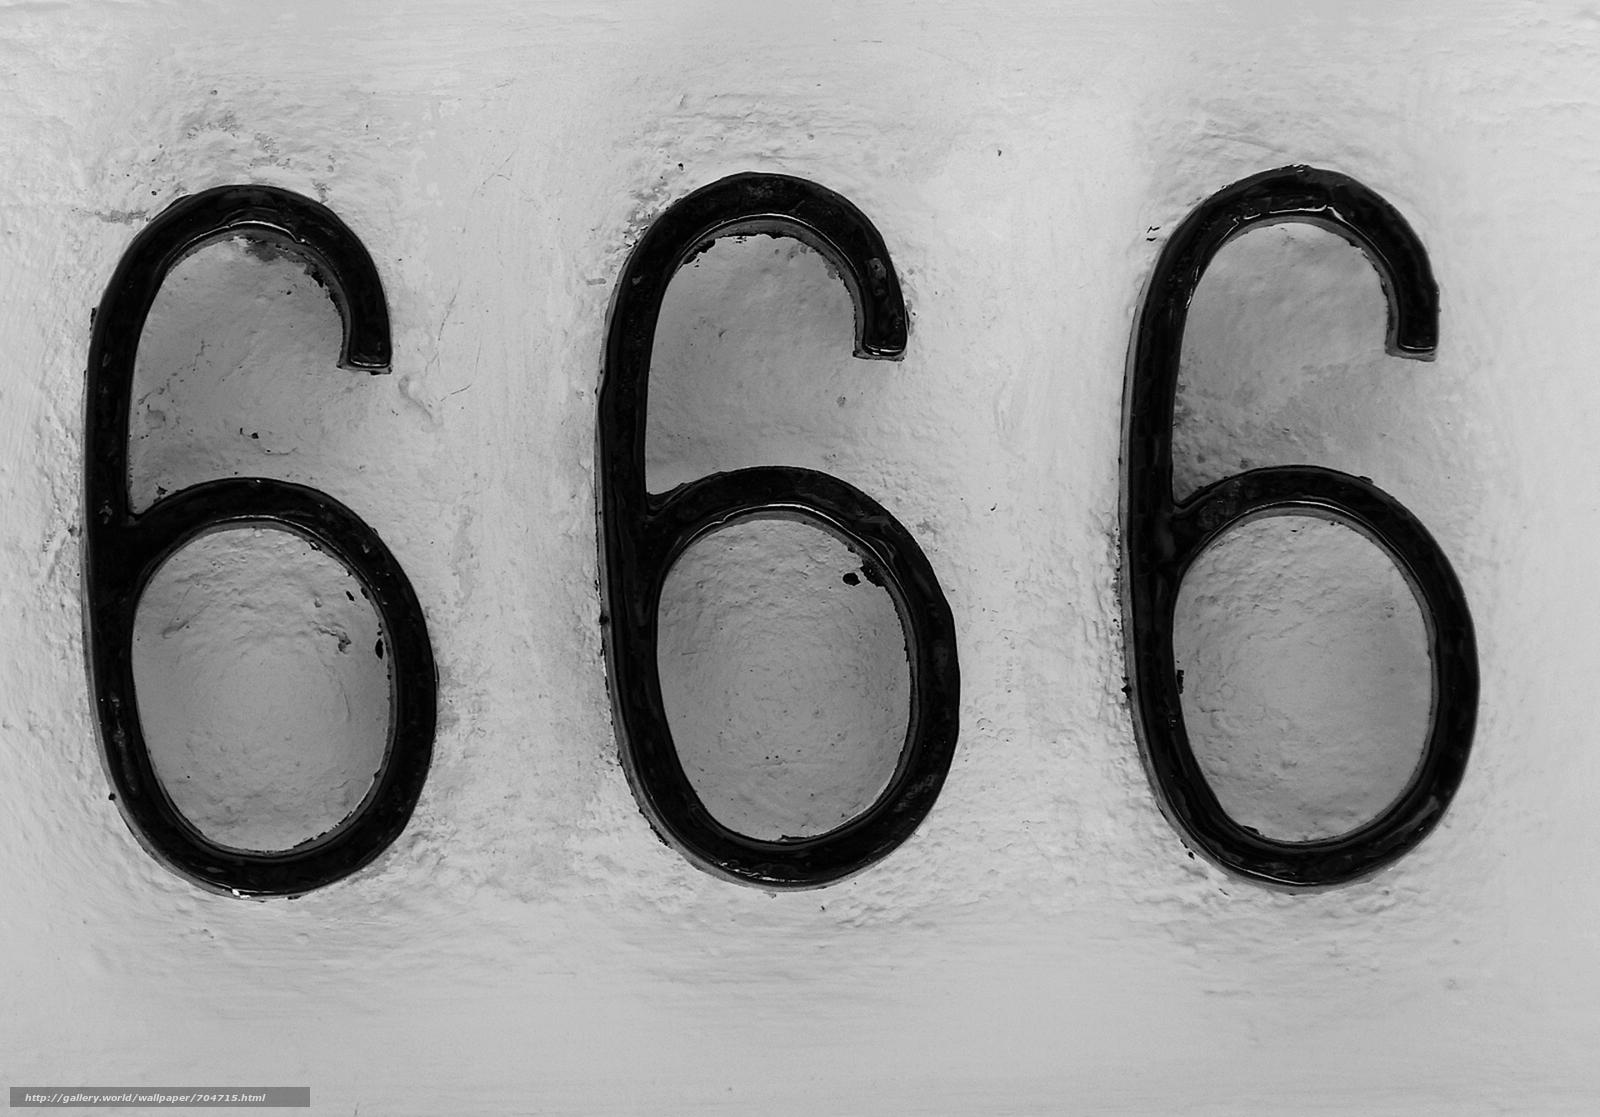 Несчастливое число 666 (3 шестерки)